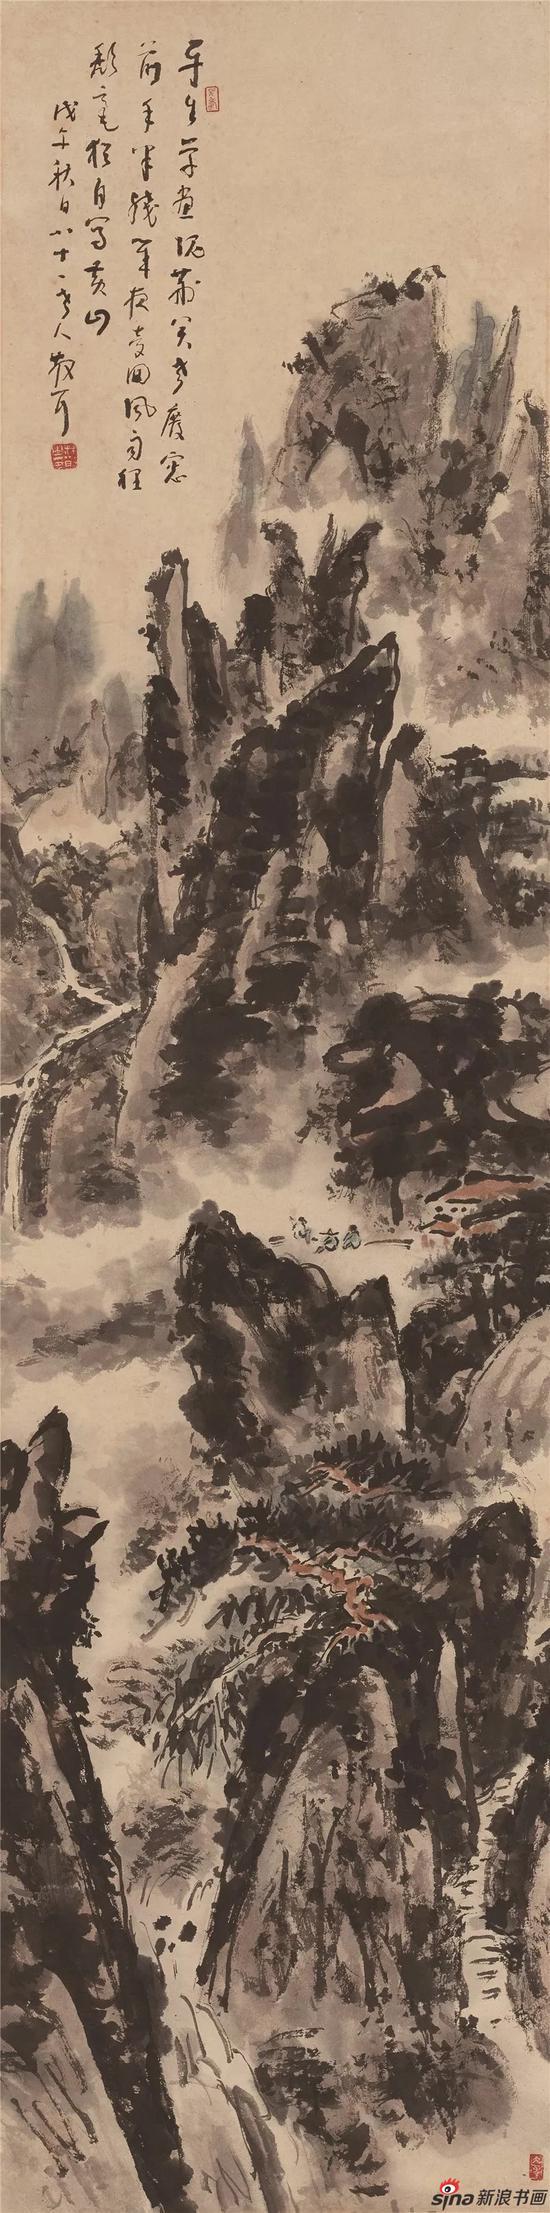 山水 设色纸本 立轴 128×32cm